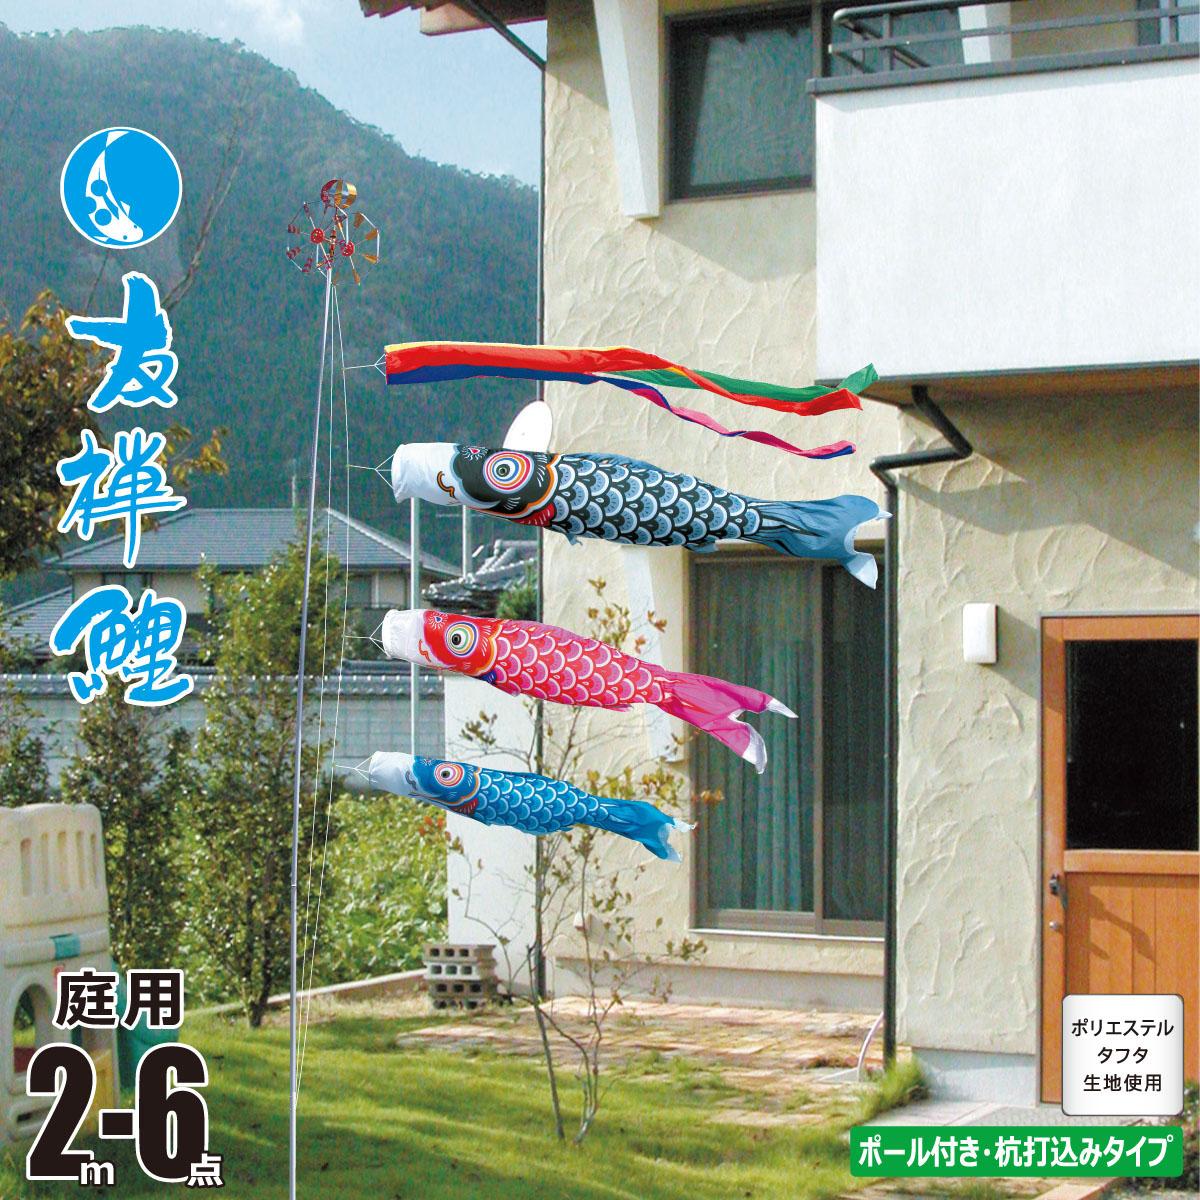 こいのぼり 2m 友禅鯉 6点 (矢車、ロープ、吹流し、鯉3匹) 庭園用 ガーデンセット (専用ポール一式) 徳永鯉のぼり KIT-118-850